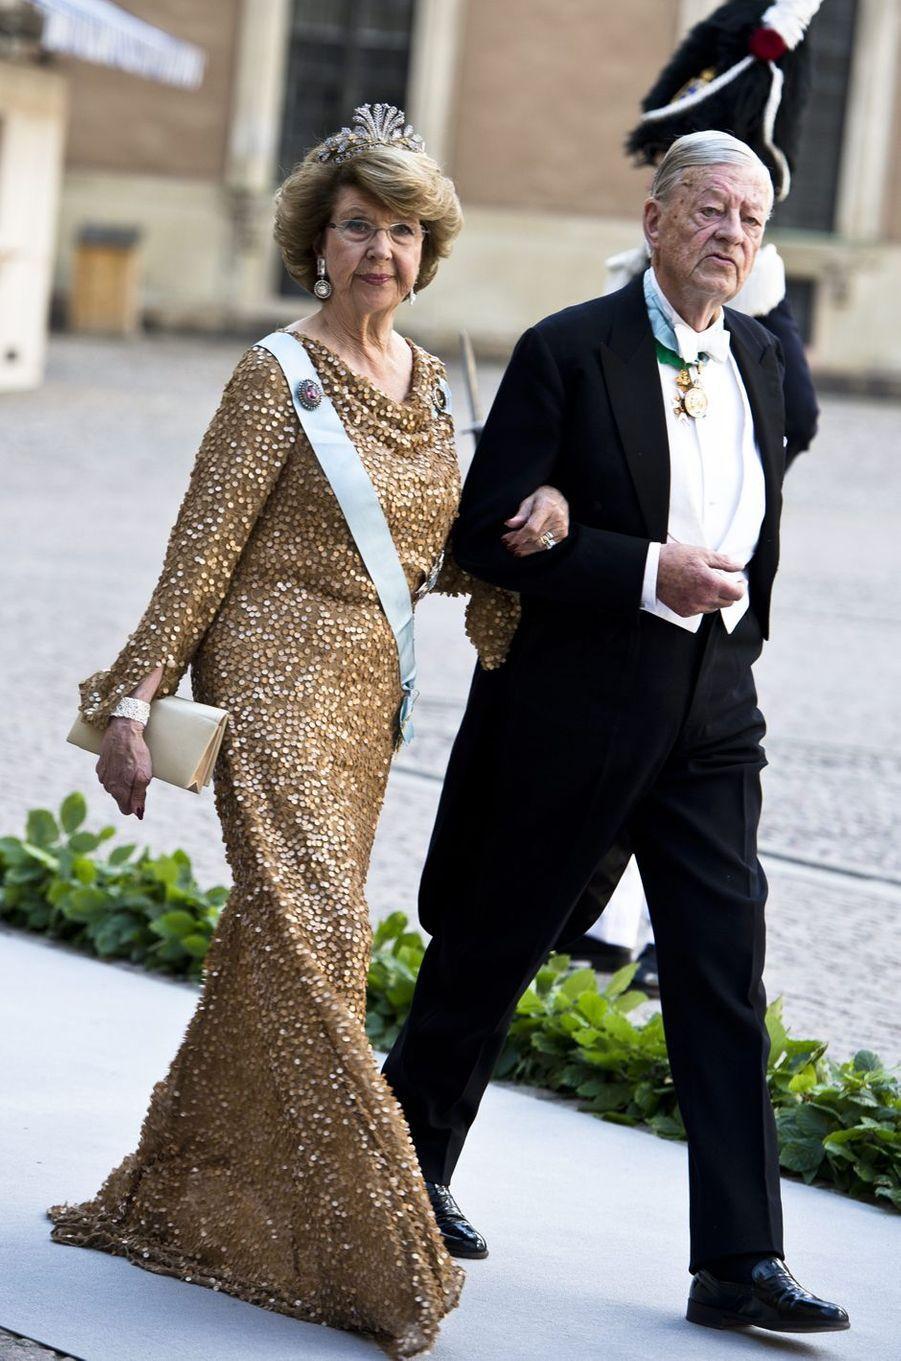 La princesse Désirée de Suède et son mari le baron Niclas Silfverschiöld lors du mariage de la princesse Madeleine, le 8 juin 2013